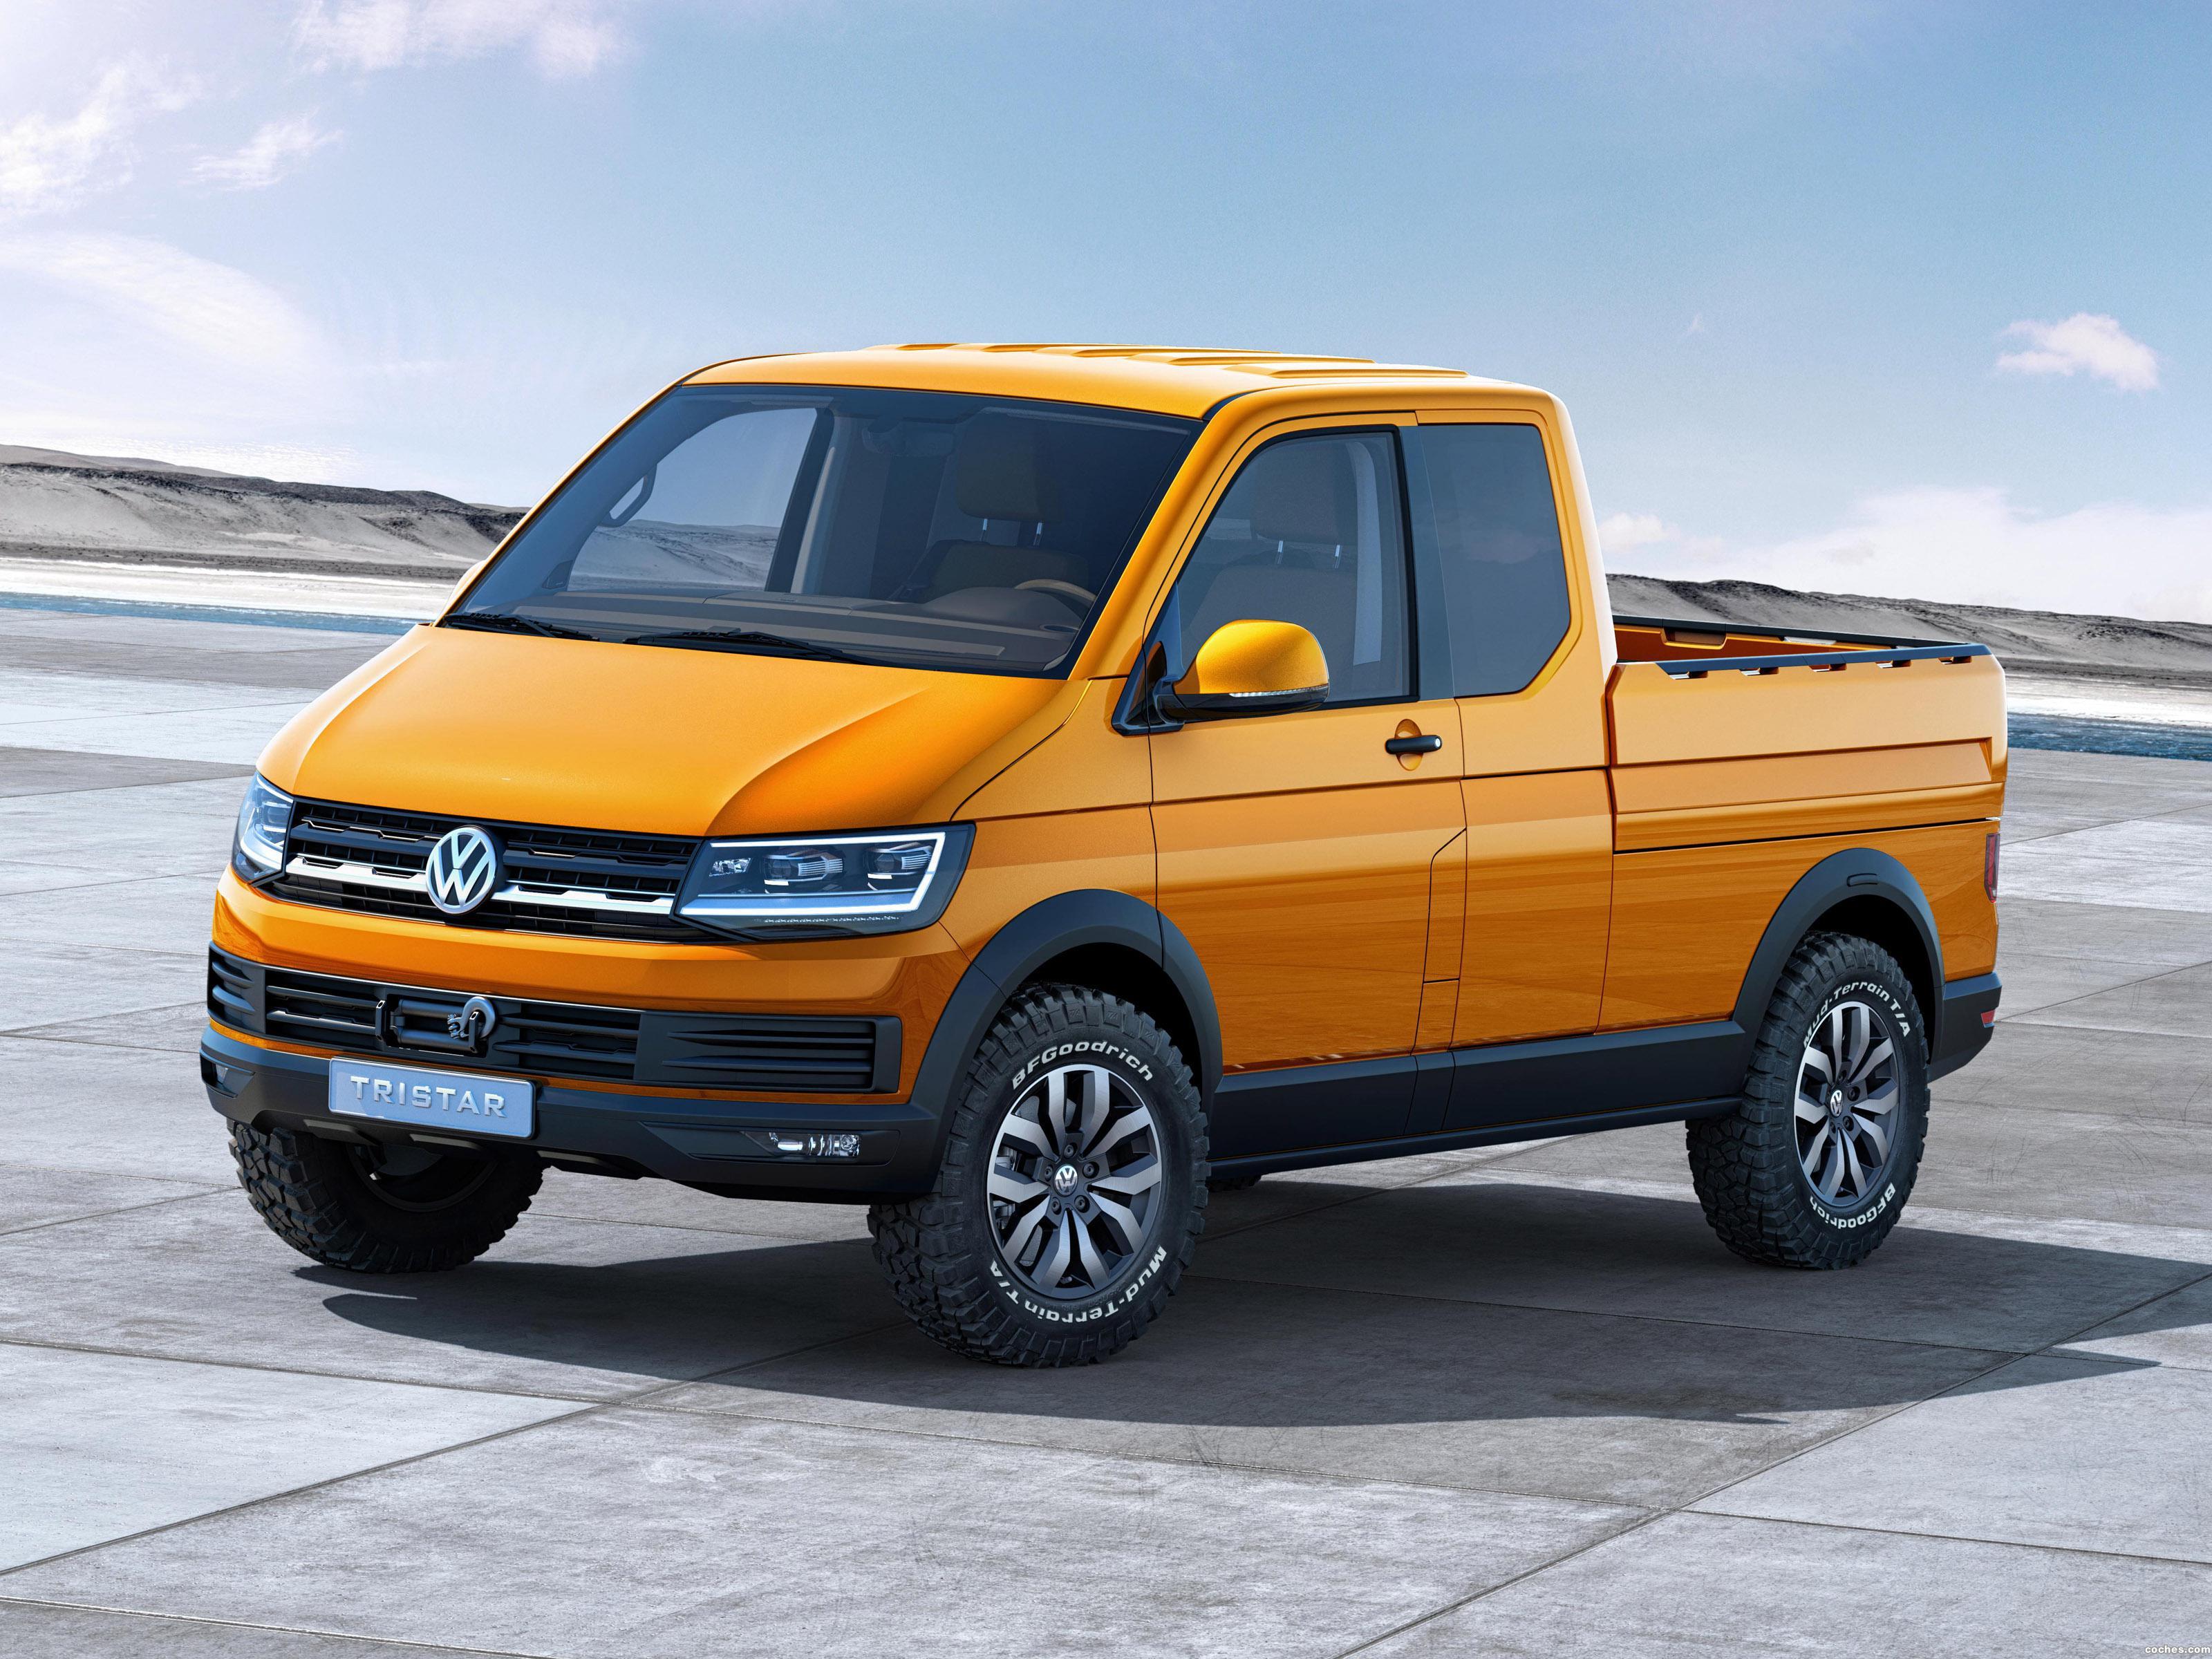 Foto 0 de Volkswagen Tristar Concept 2014